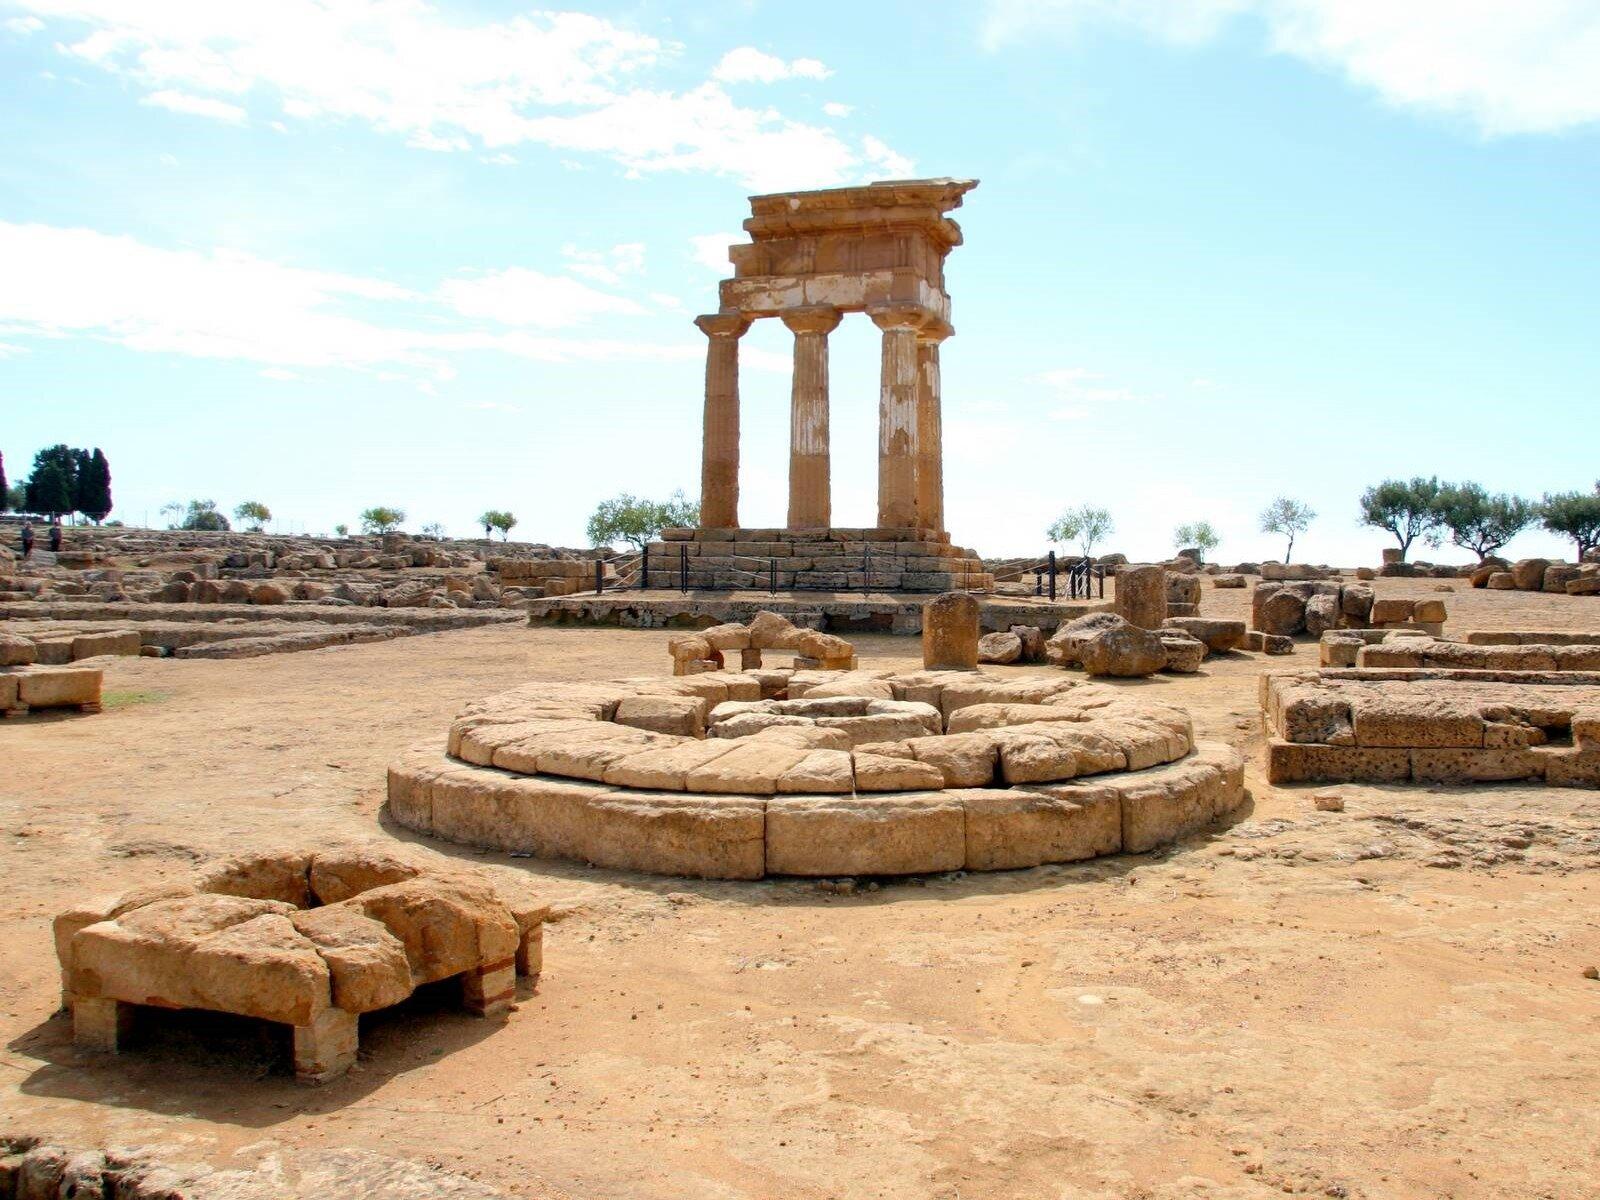 Valle dei Templi di Agrigento: rinvenuti nuovi oggetti di culto durante gli scavi archeologici